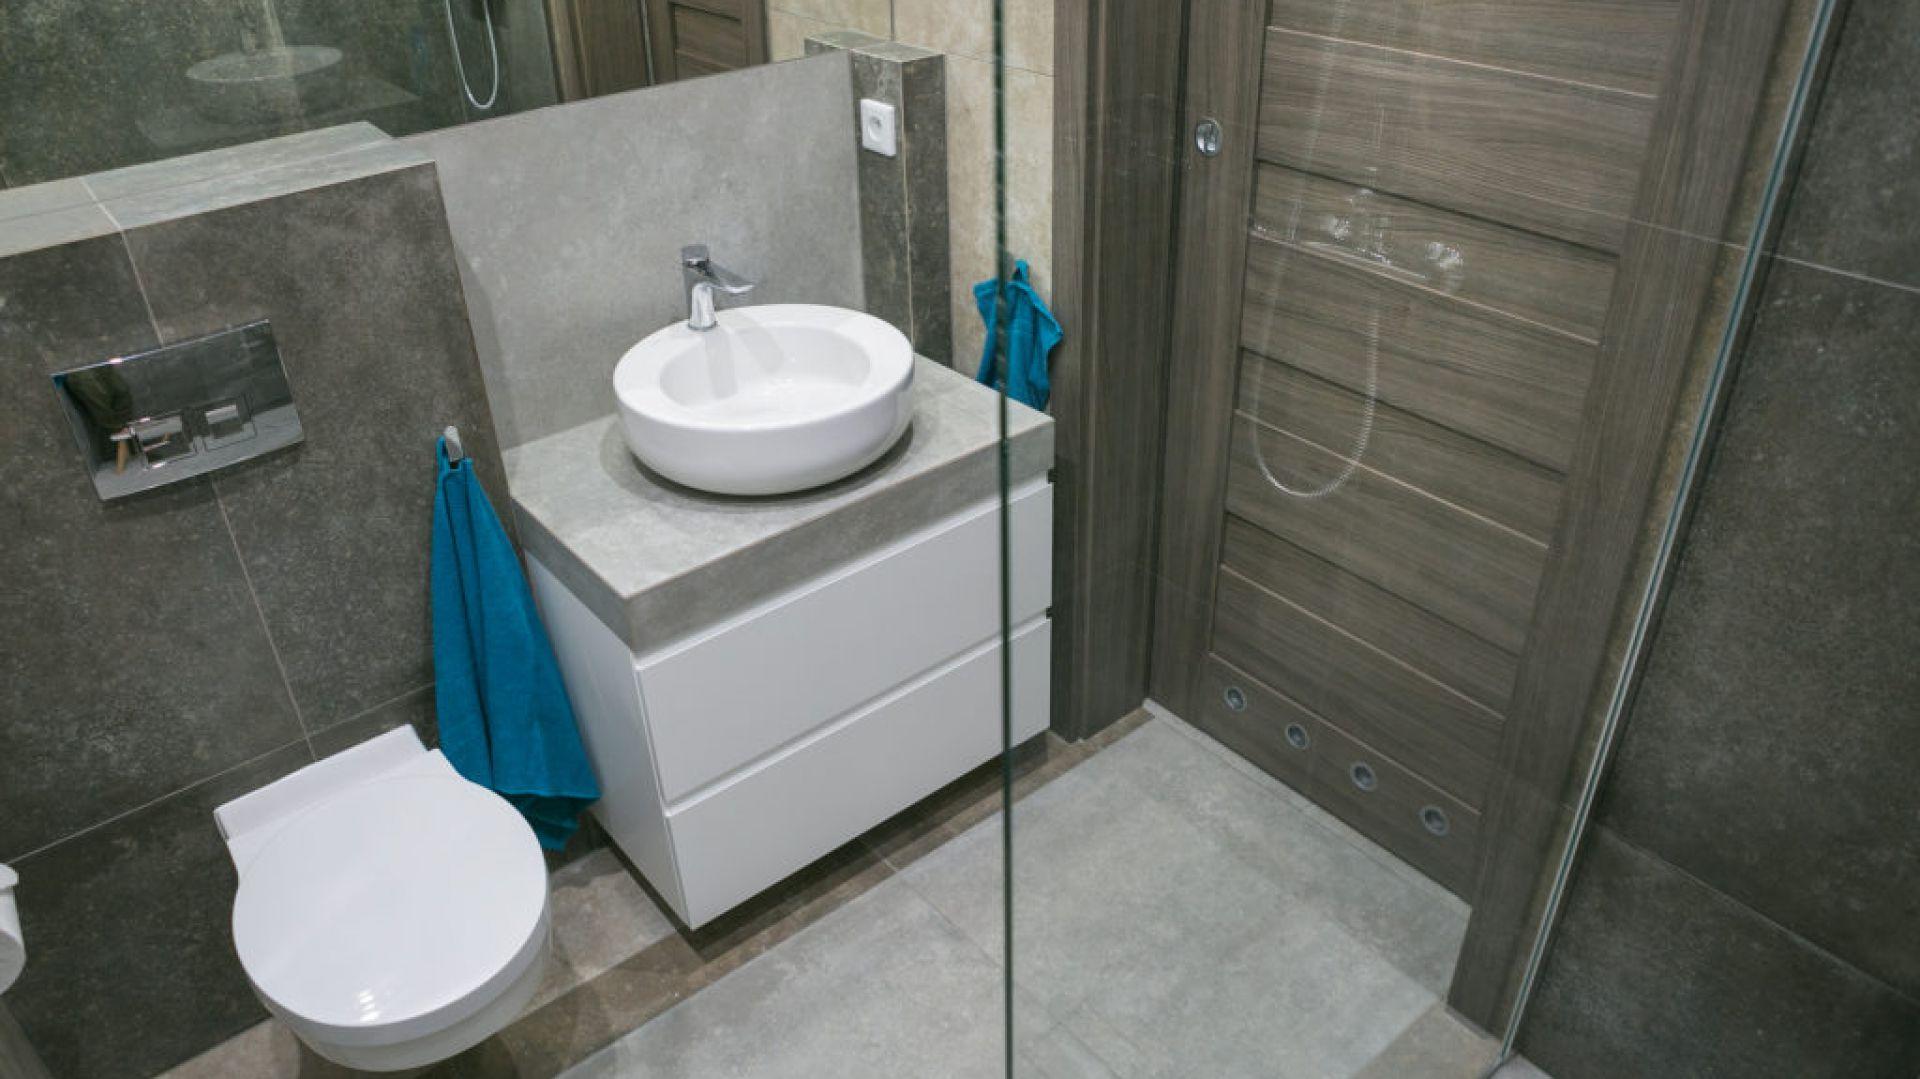 Aranżacja łazienki: łazienka w apartamencie w Krakowie. Fot. Kahelo